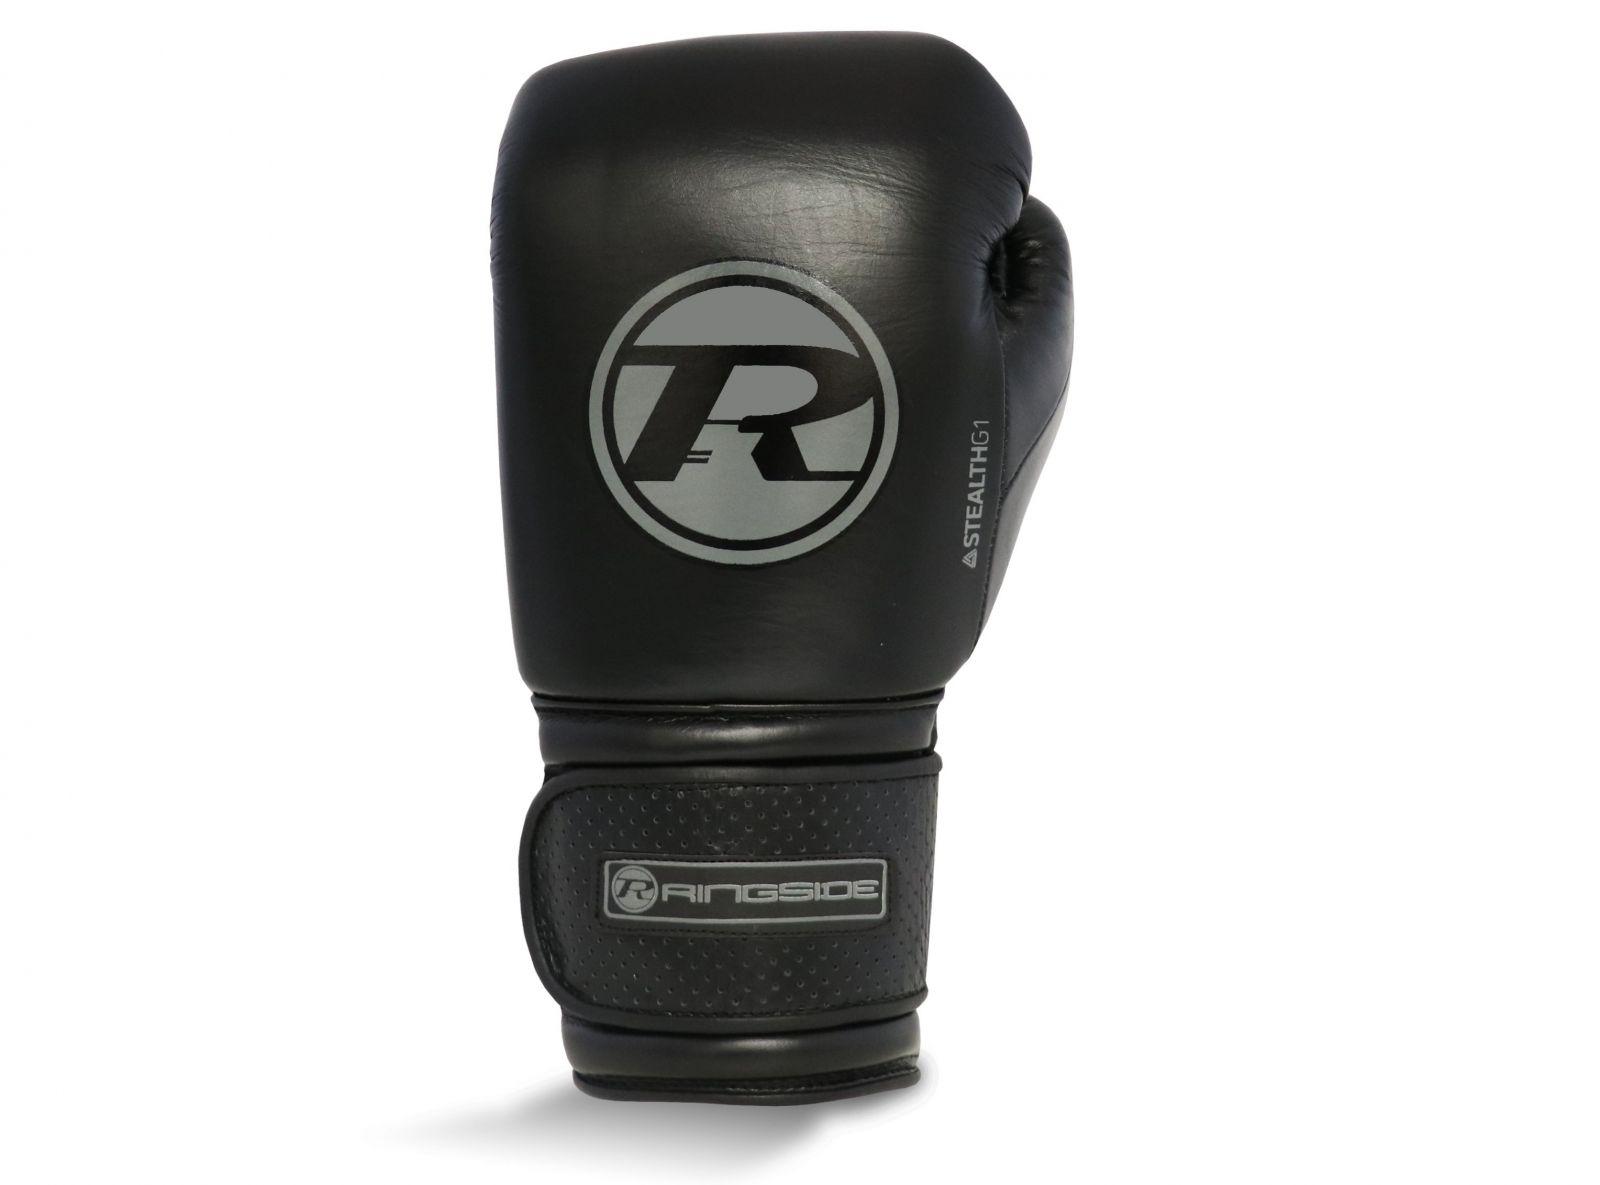 RINGSIDE Boxerské rukavice Stealth Series Super Pro Spar - černá/šedivá